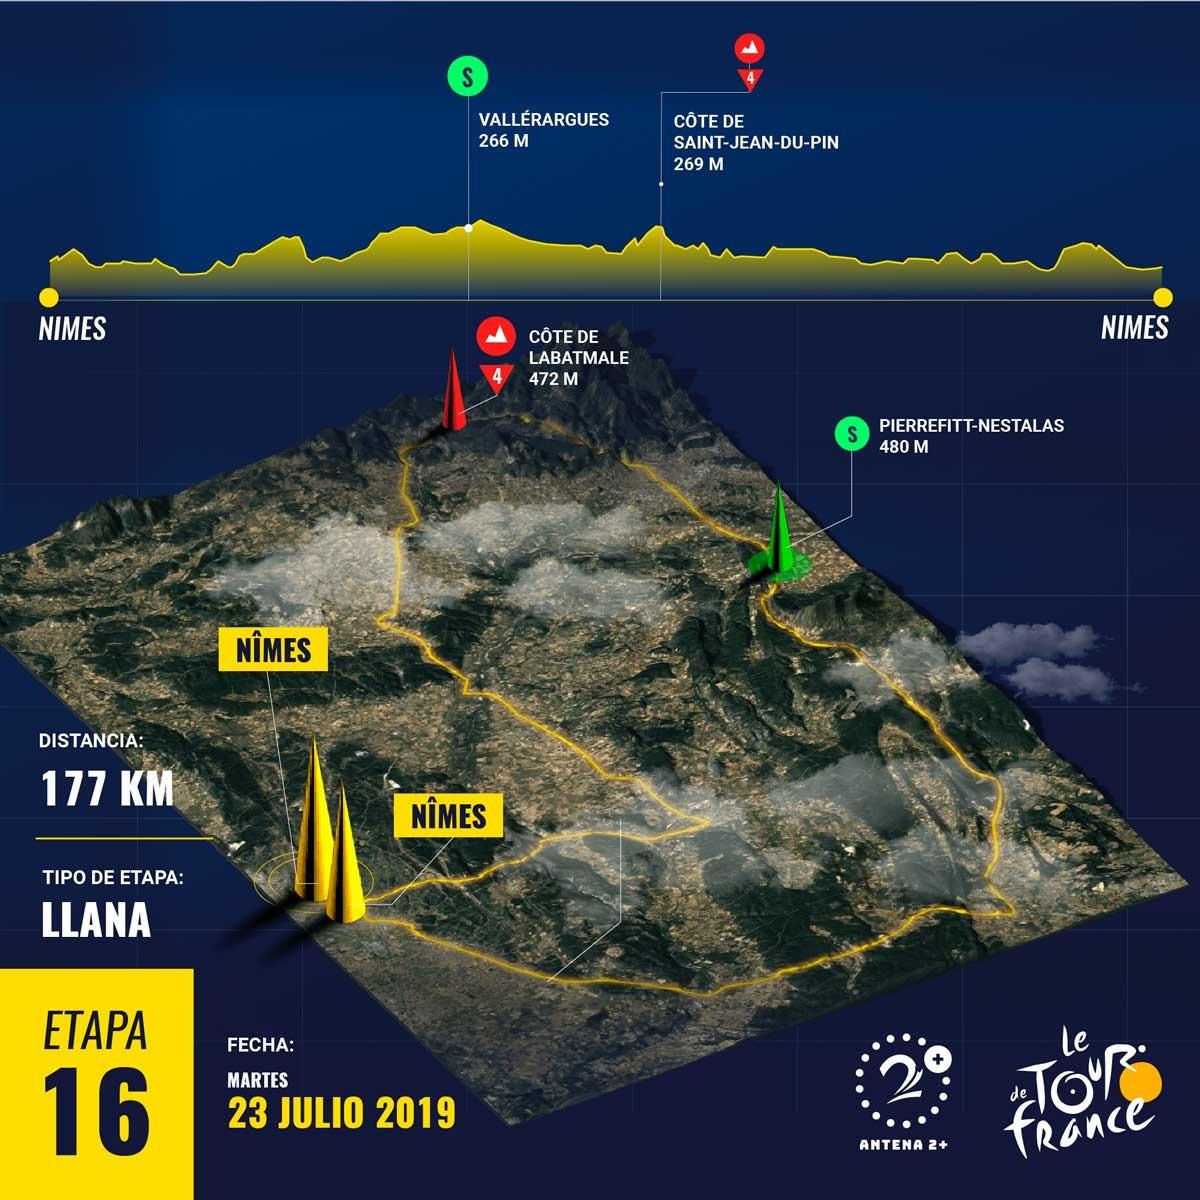 Etapa 16 - Tour de Francia